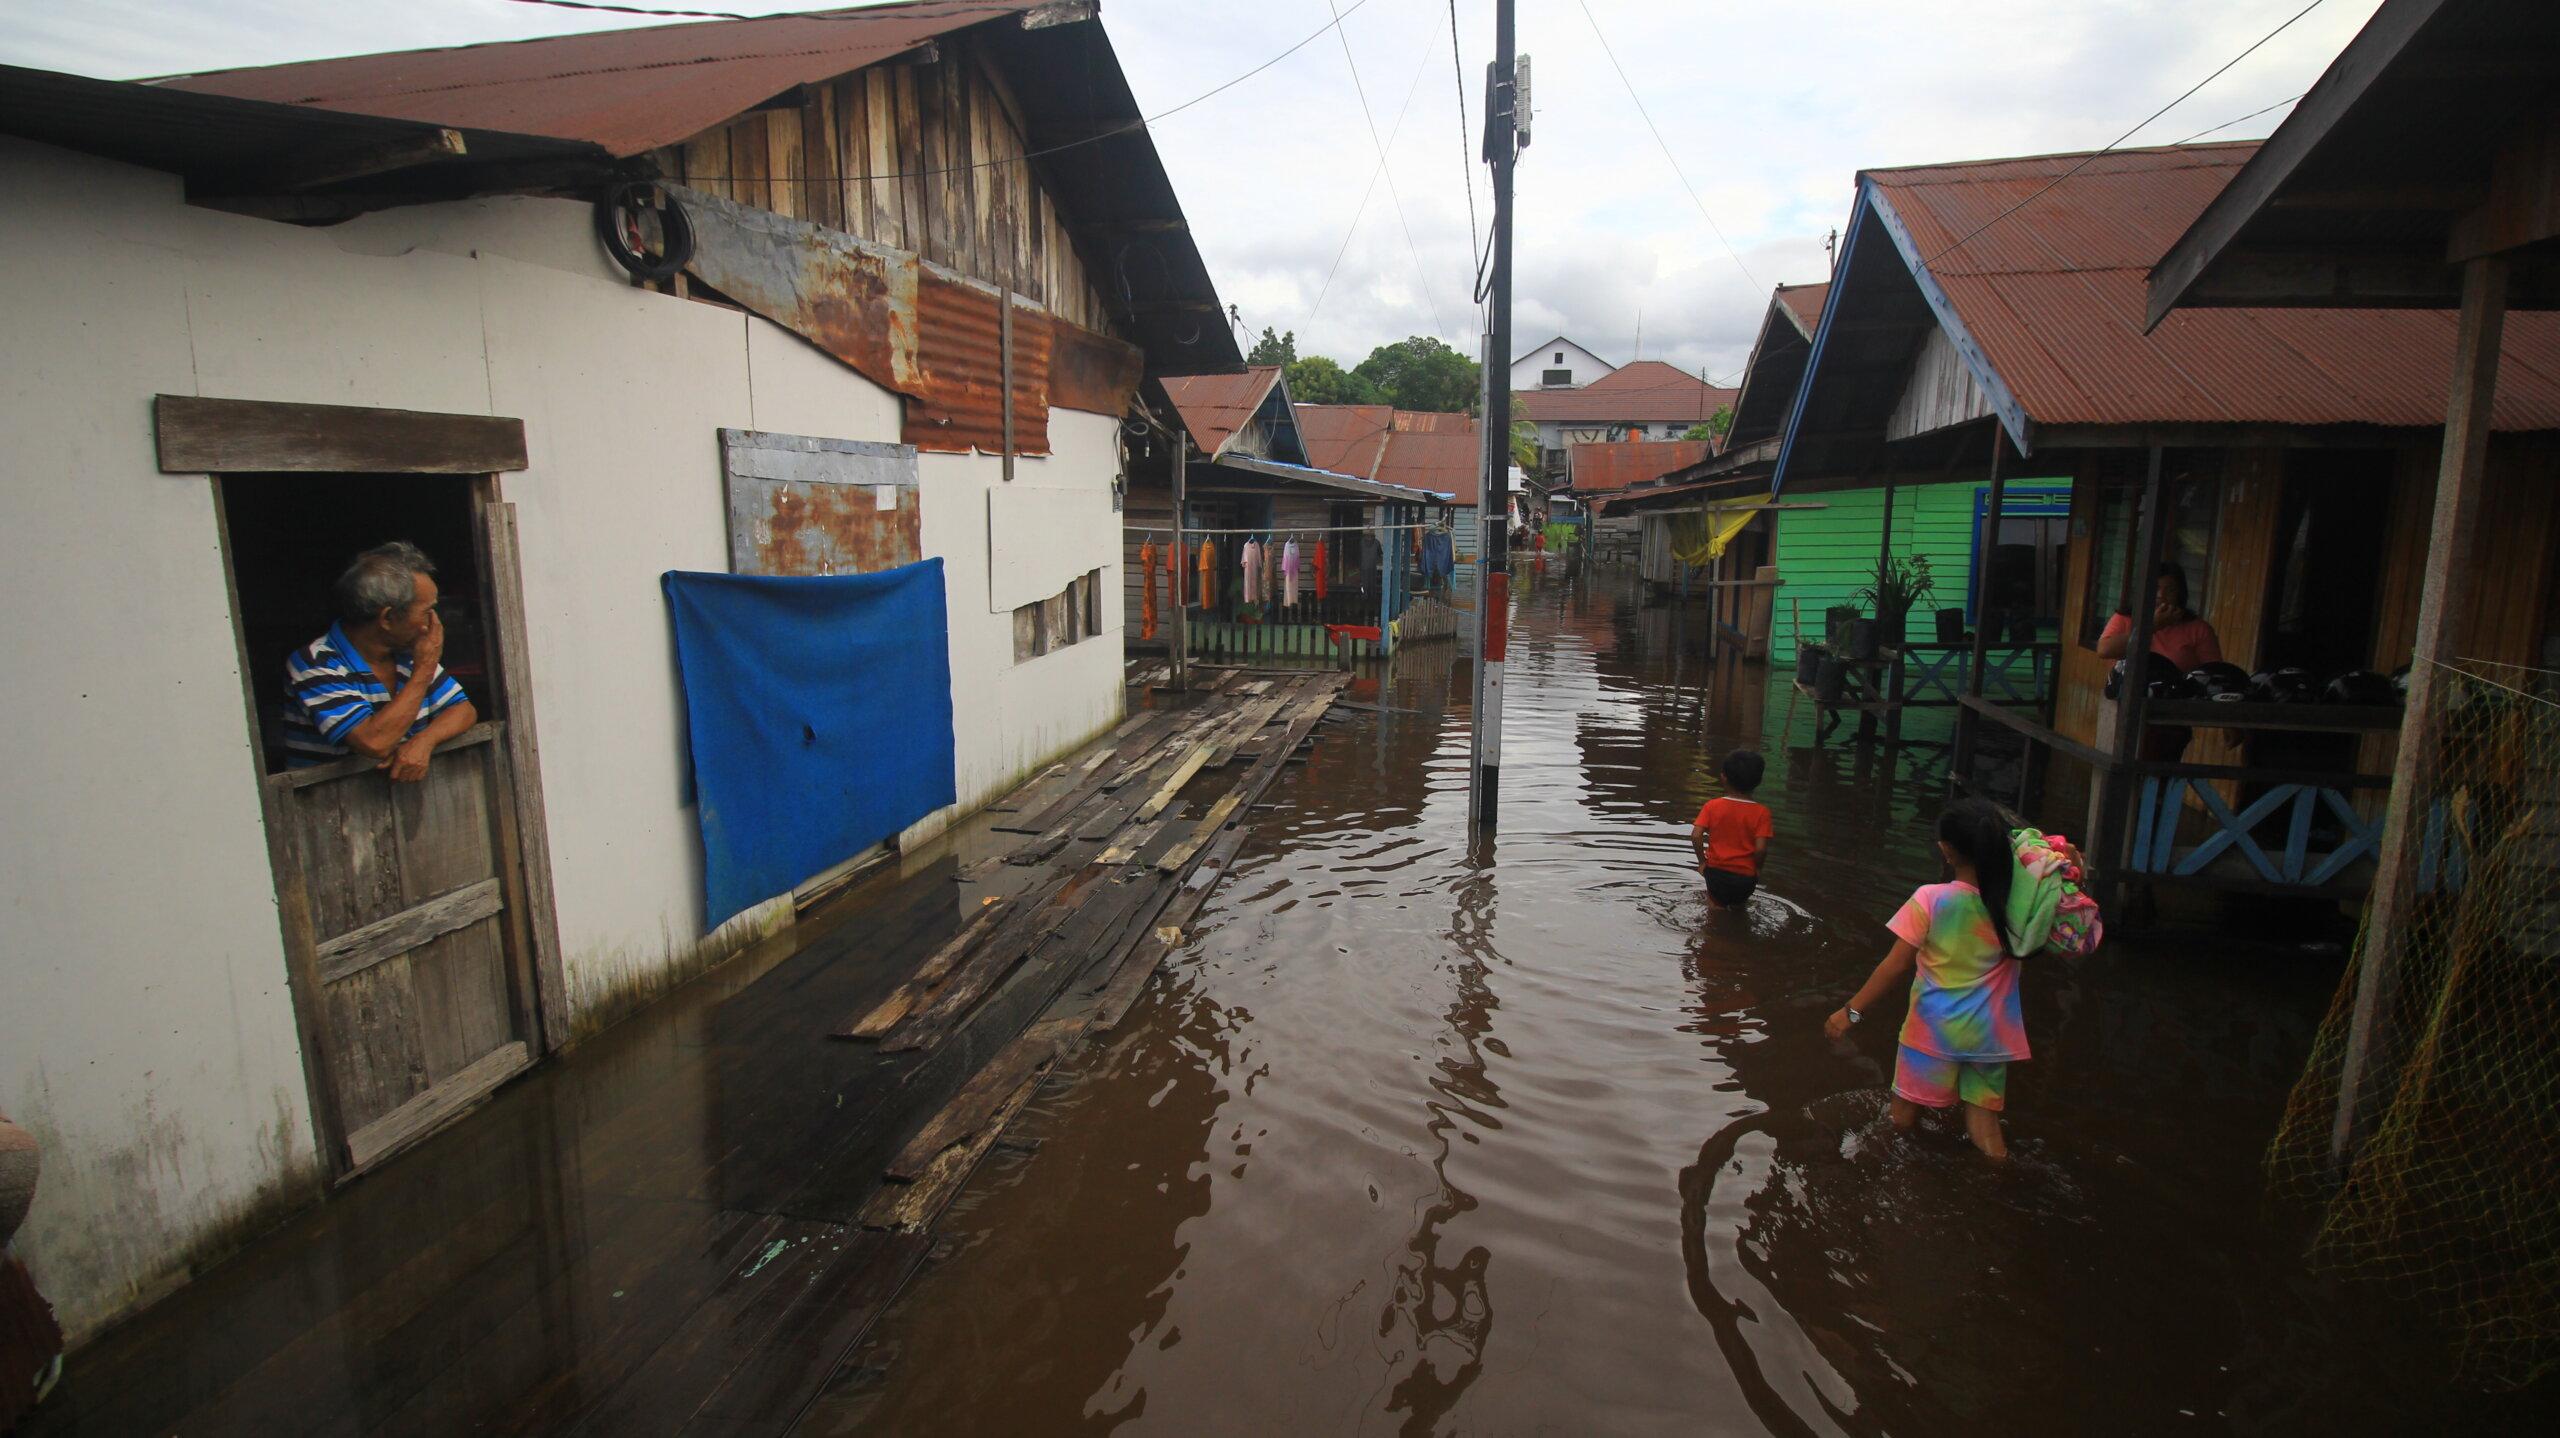 IKUT TERENDAM: Kawasa padat penduduk di pinggiran Sungai Kahayan tepatnya di Jalan A Yani, Gang Patra, turut terendam banjir akibat luapan sungai Kahayan, Selasa (21/9/2021)./DENAR